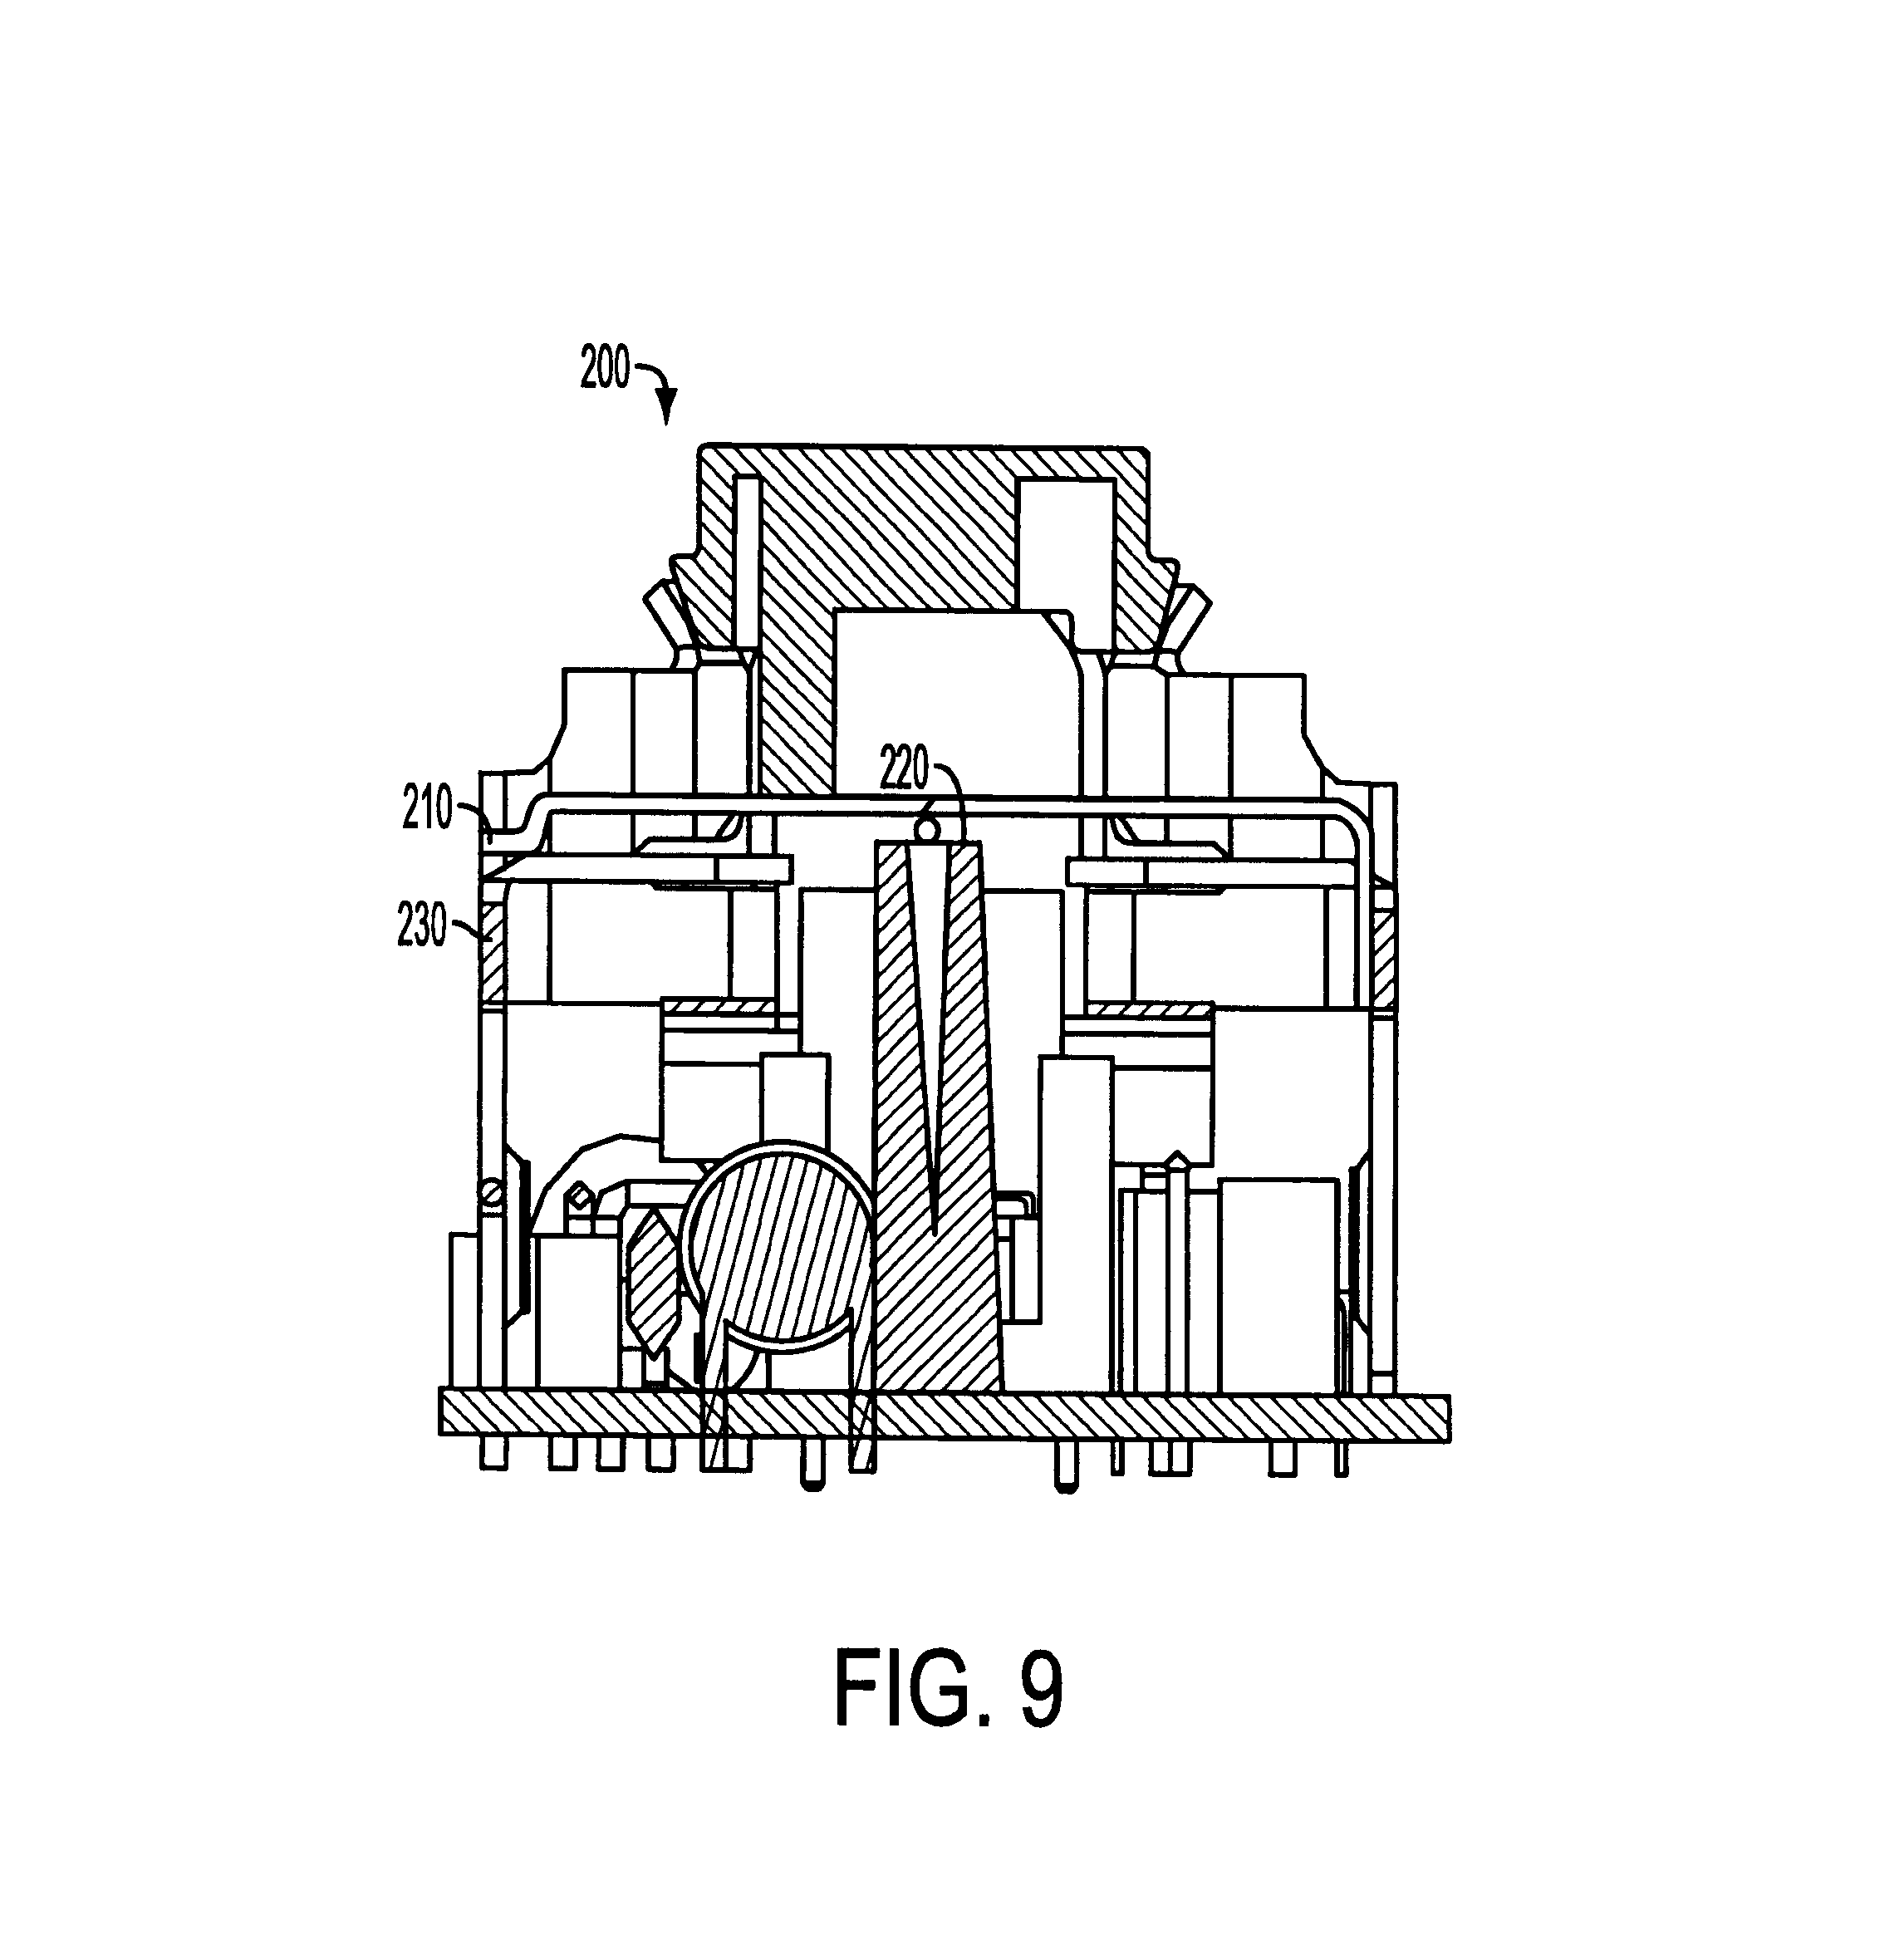 patent us6697238